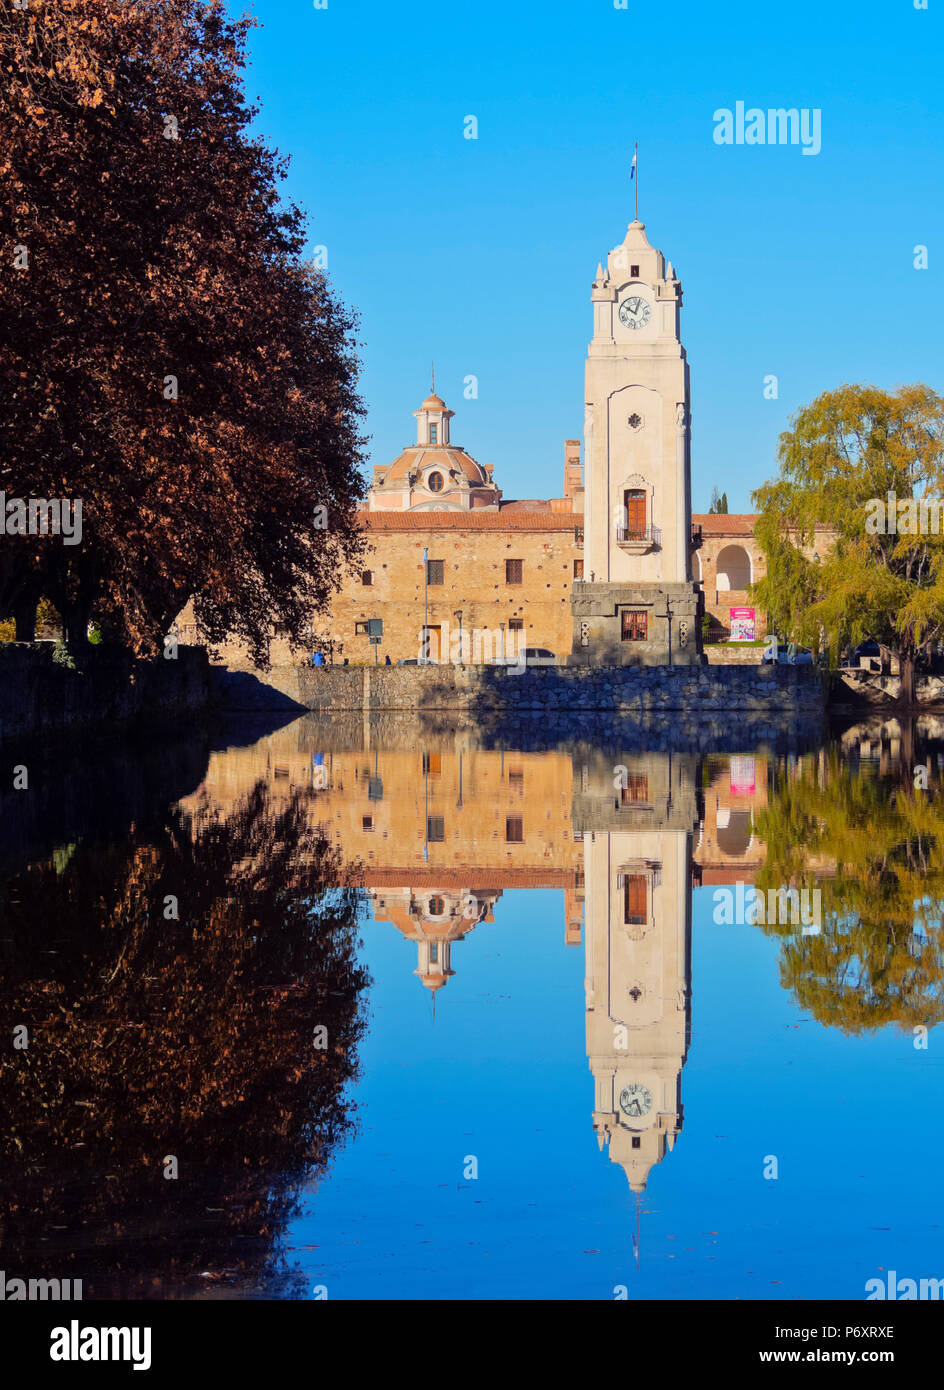 Argentinien, Provinz Córdoba, Alta Gracia, Blick auf El Tajamar Wasserbehälter bauen von Jesuiten, der Clock Tower und der Jesuit Estancia. Stockbild